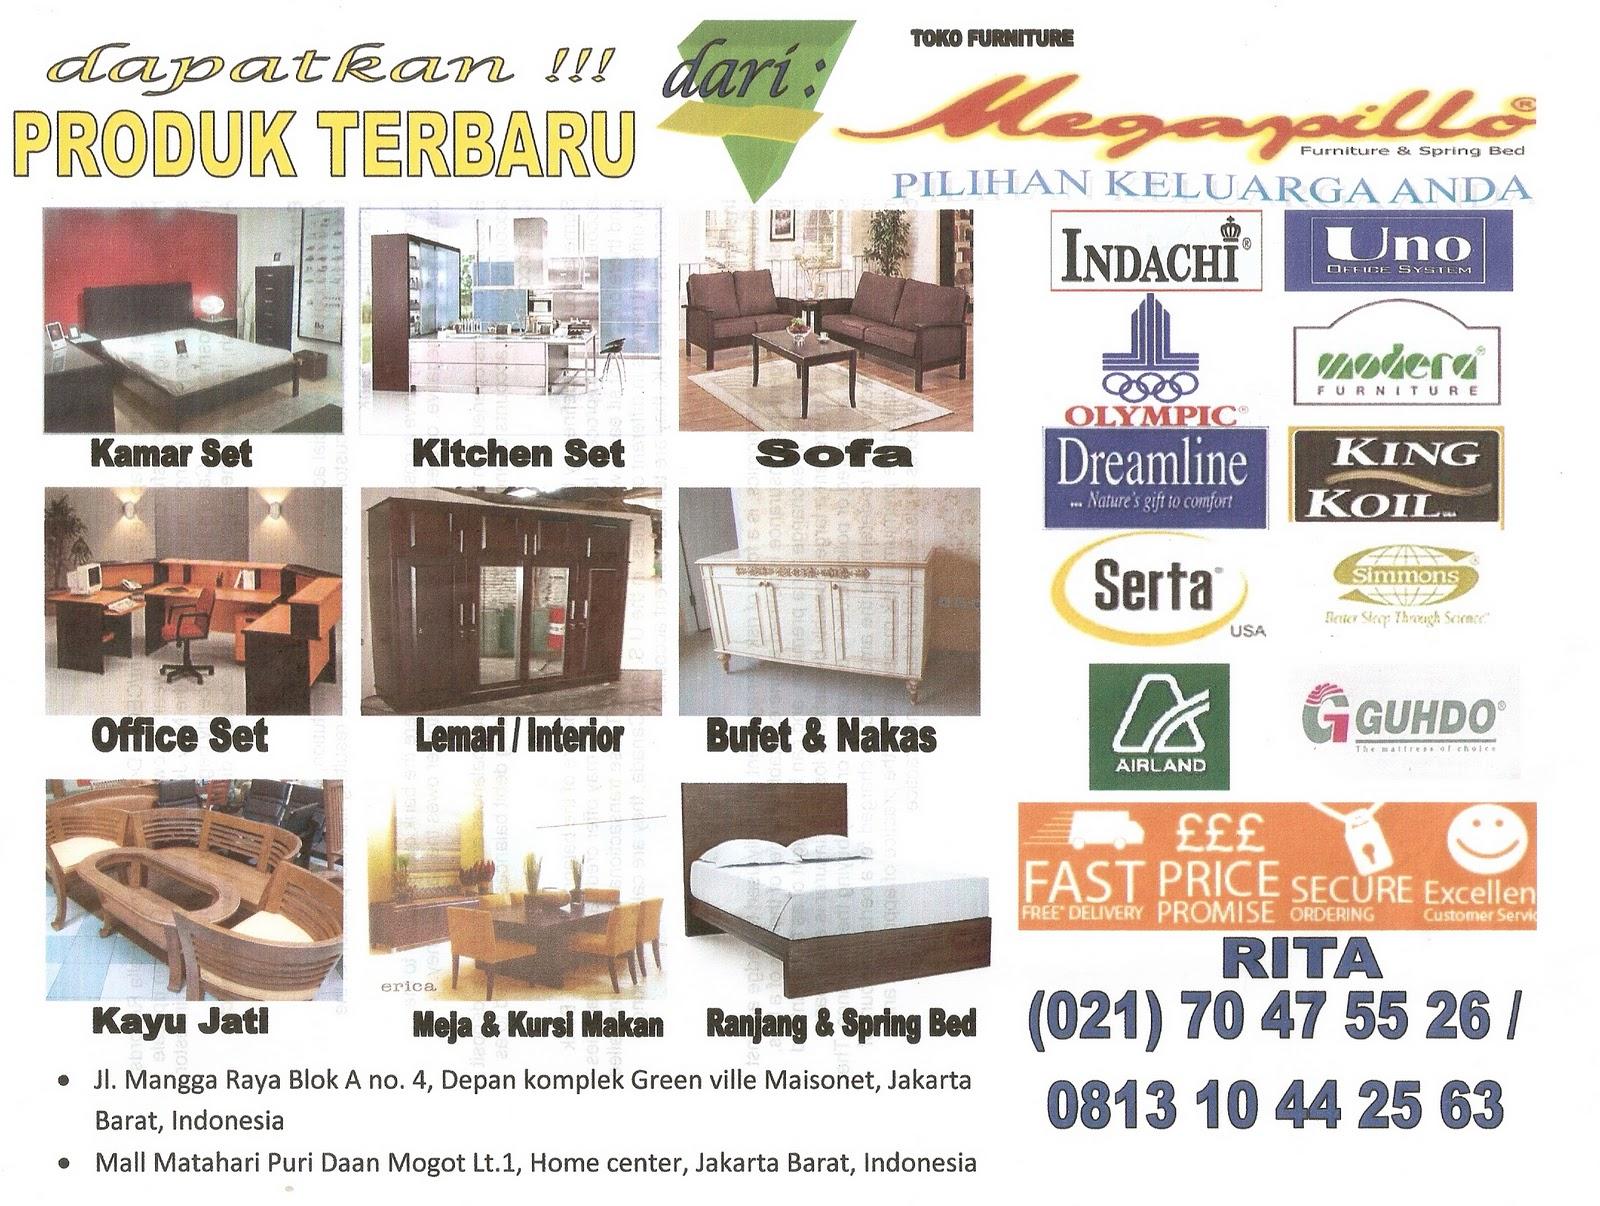 Megapillo Furniture Spring Bed Online Shop Brochure 2